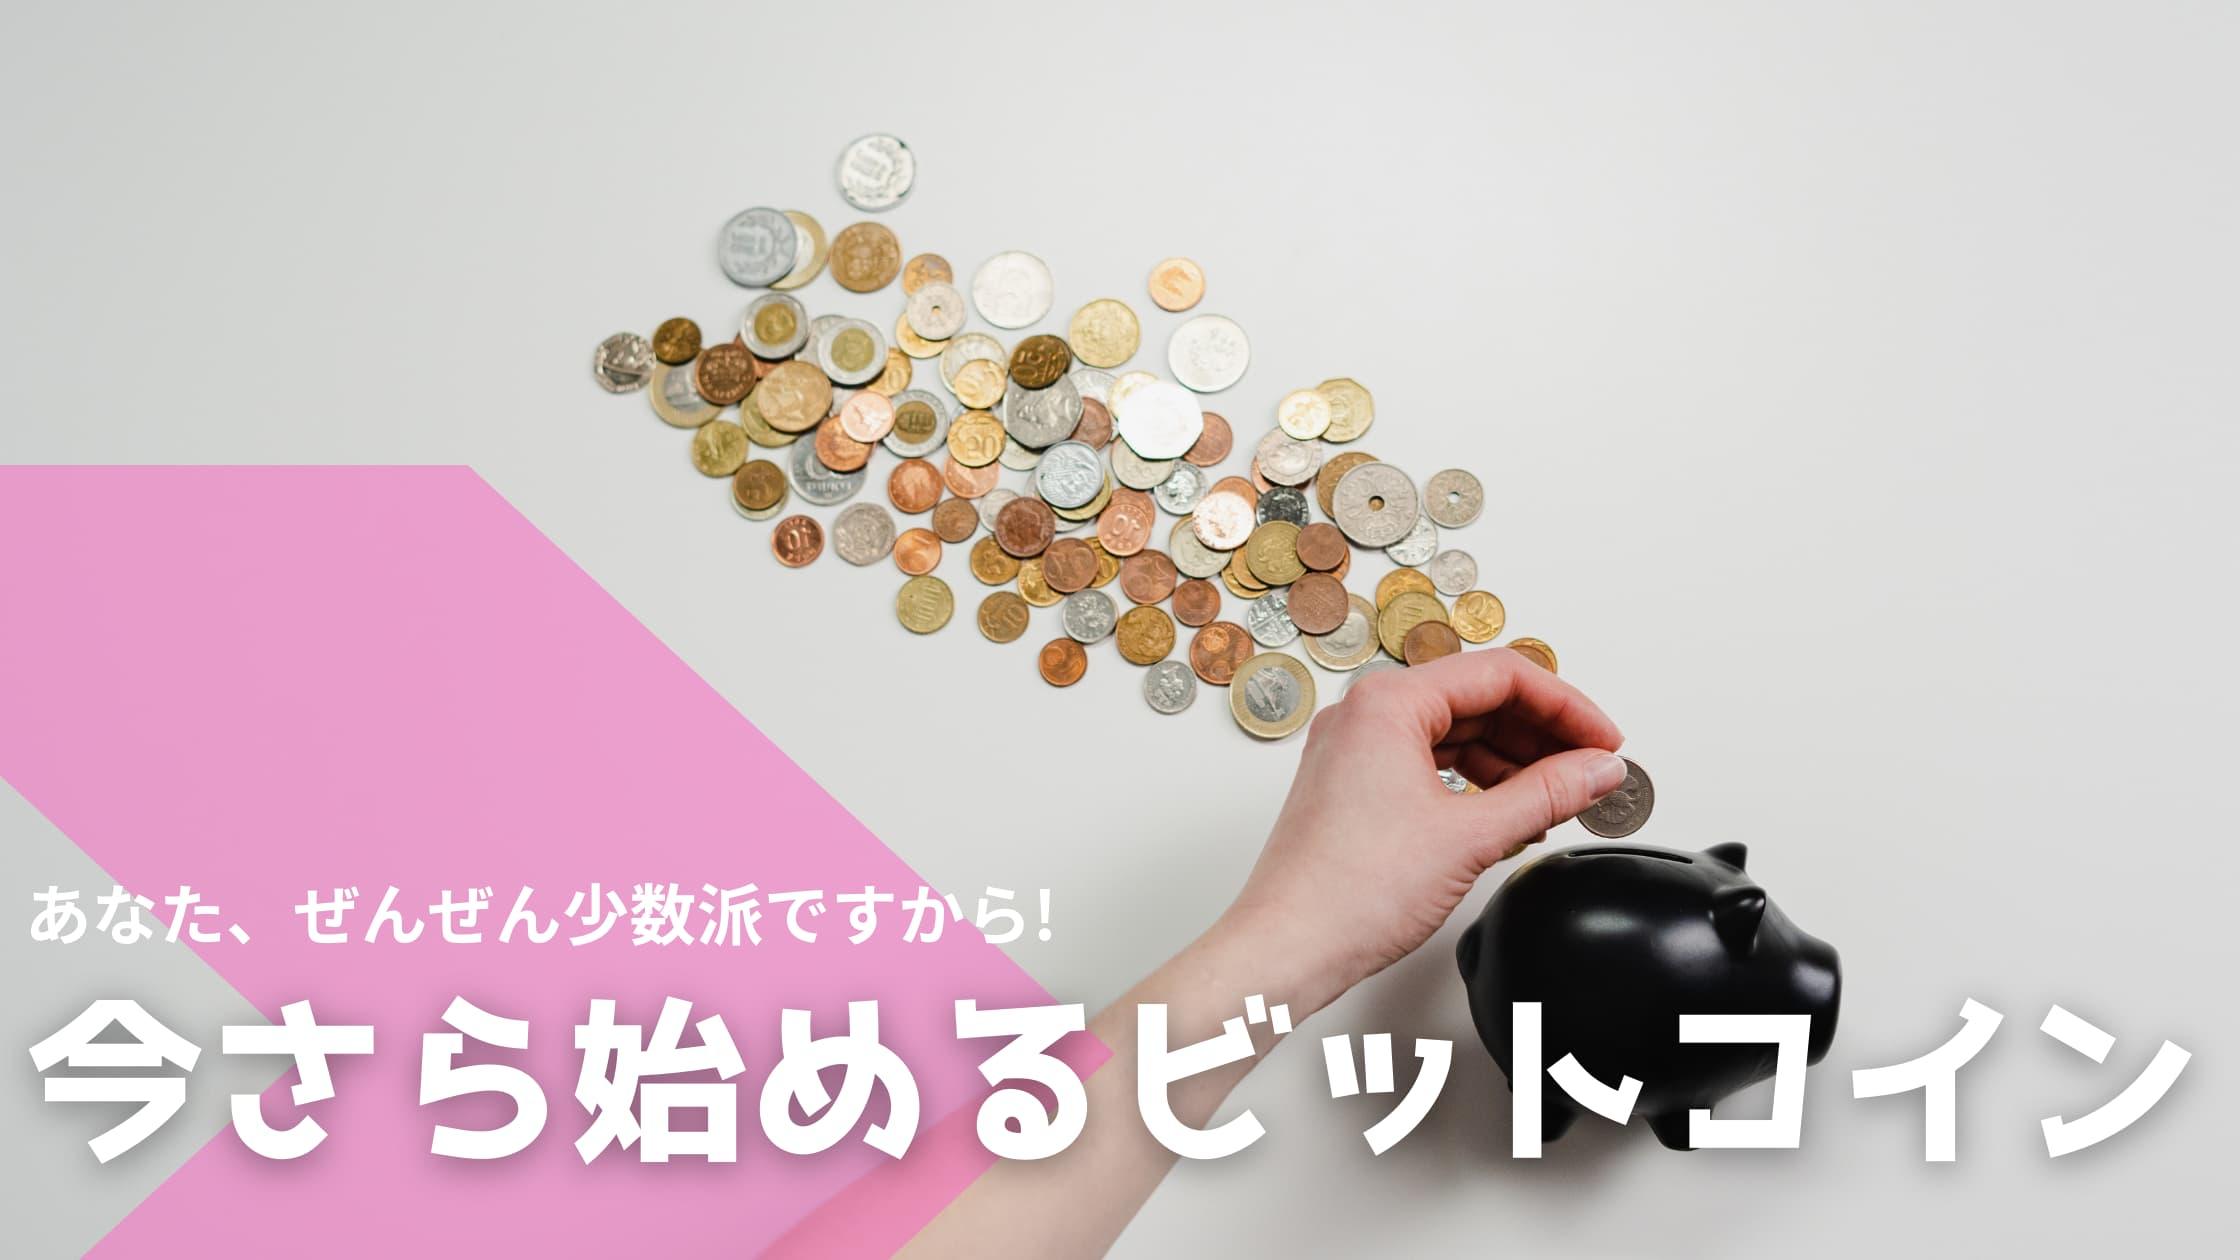 2021|今から始めるビットコイン $BTC まずは0.1枚を目指そう!